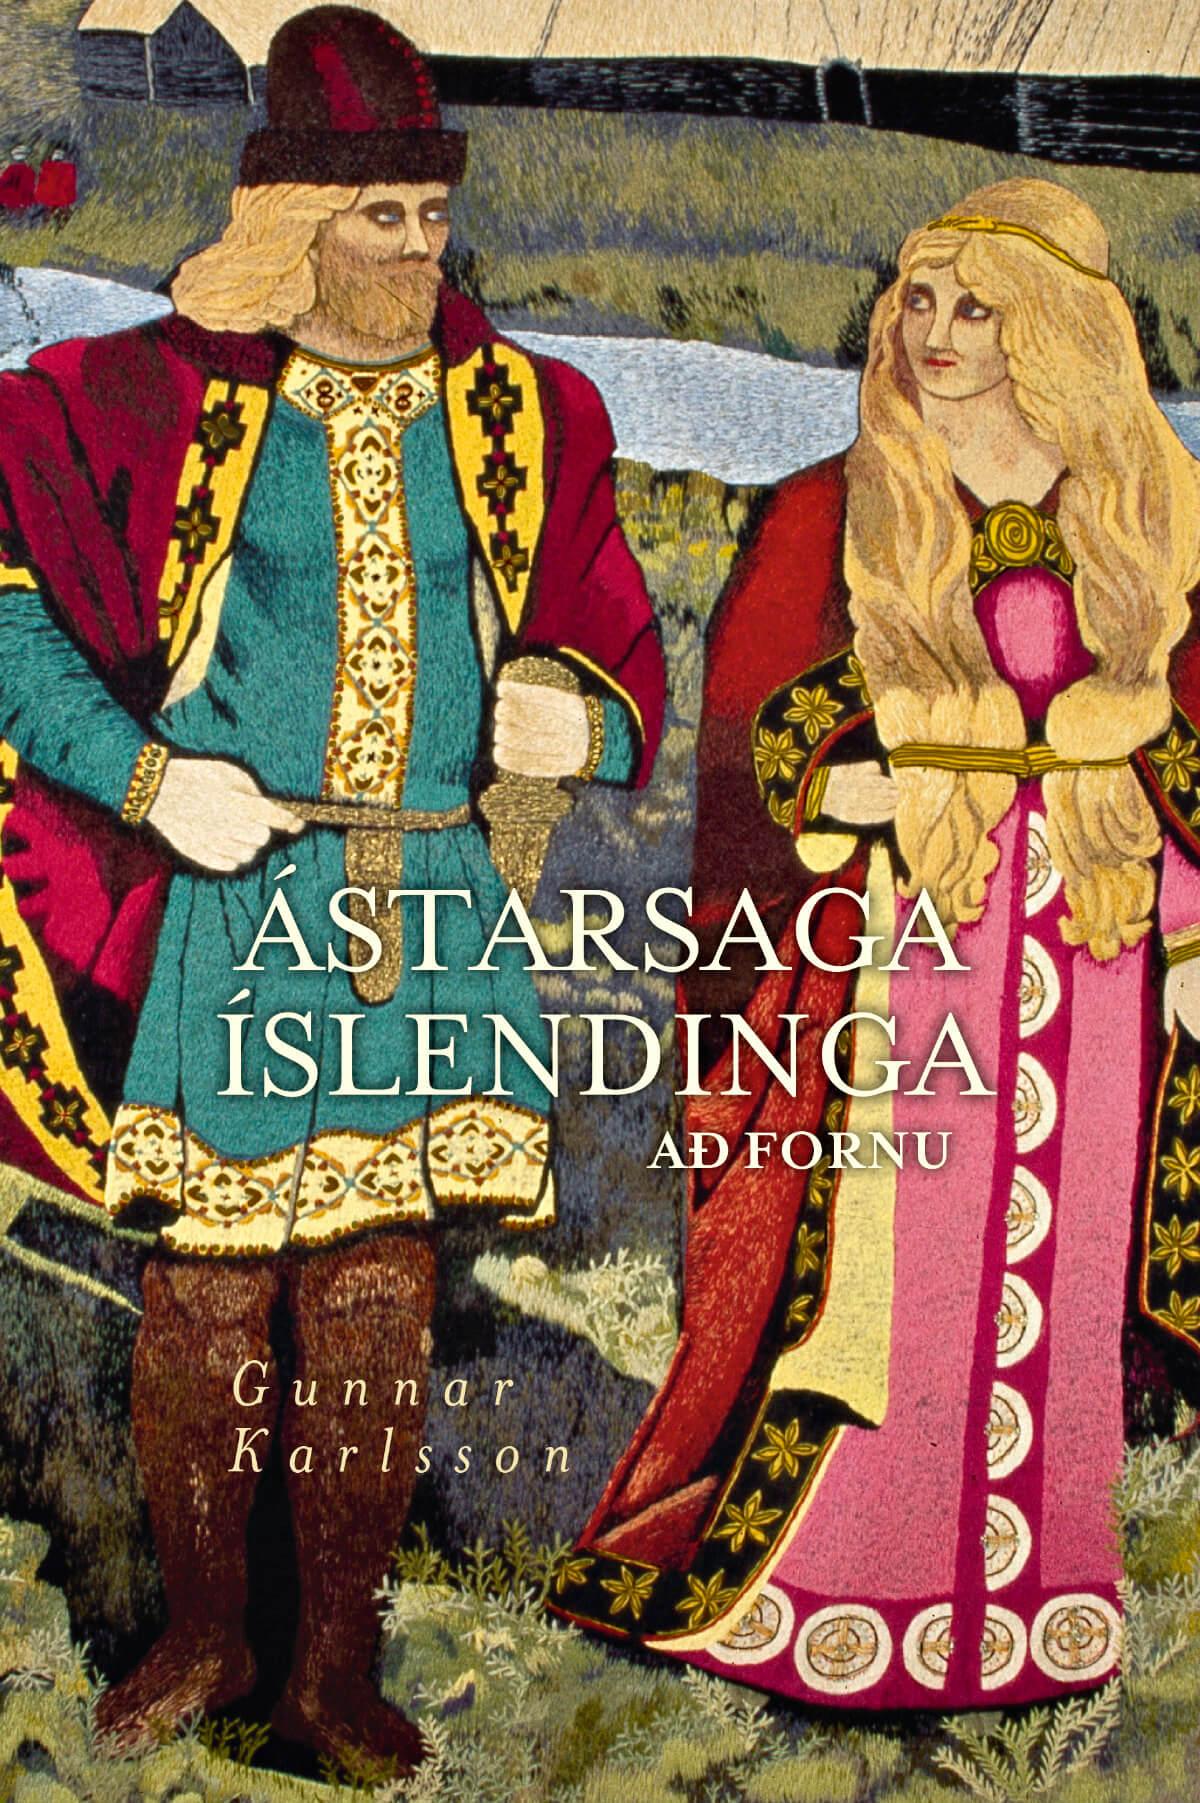 Ástarsaga Íslendinga að fornu